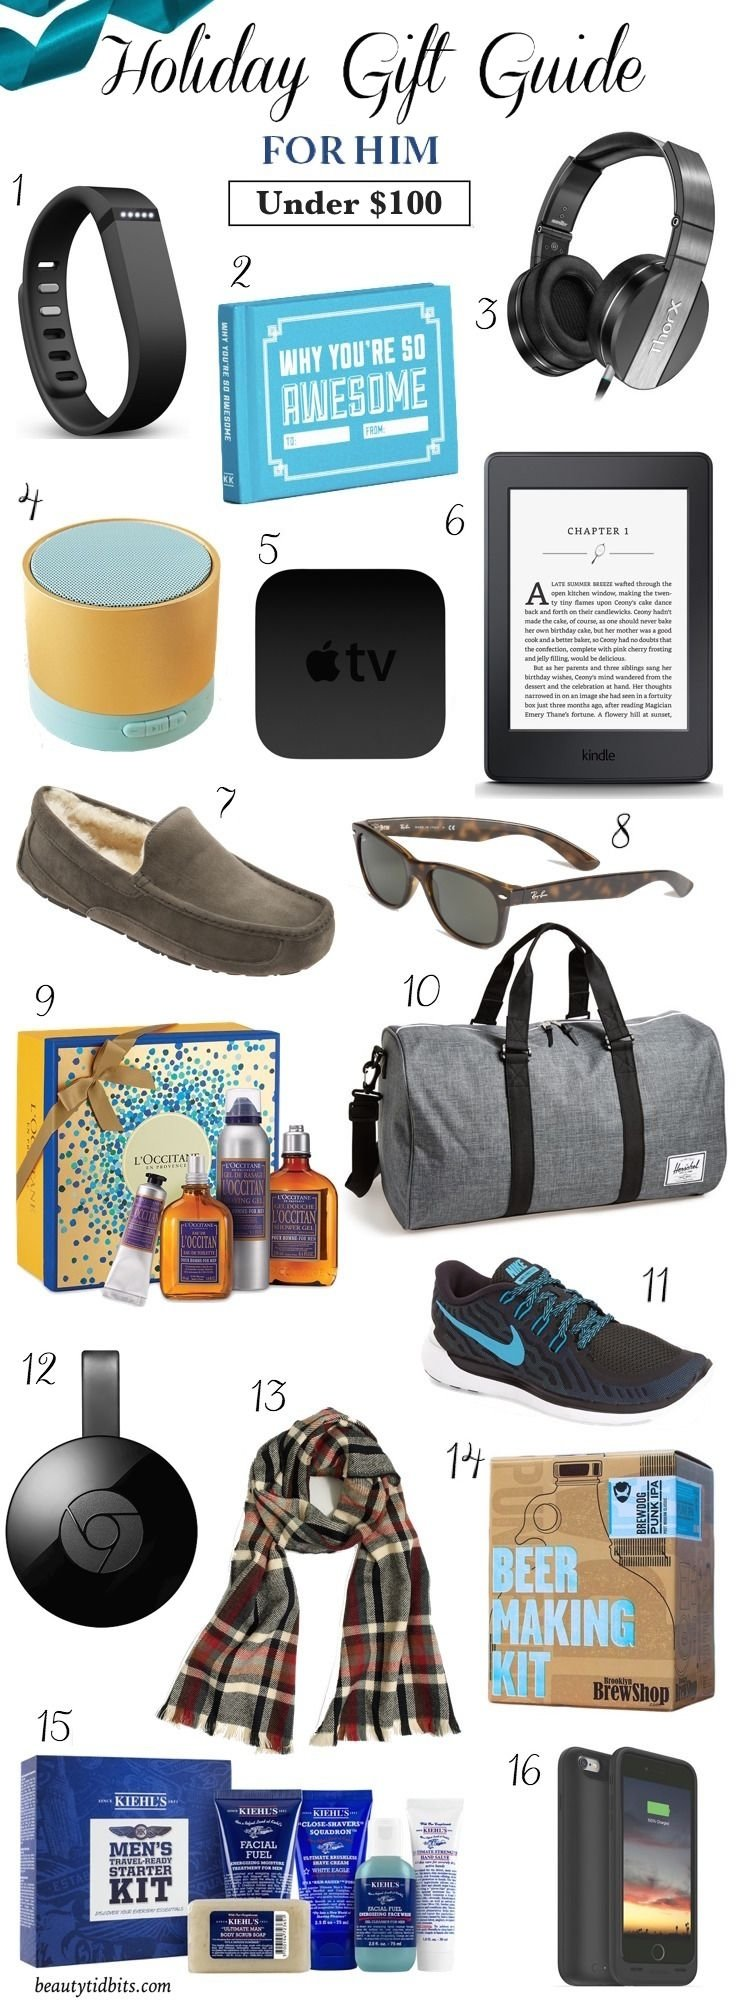 10 Pretty Gift Ideas For A Man les 13 meilleures images du tableau gift ideas sur pinterest 2020